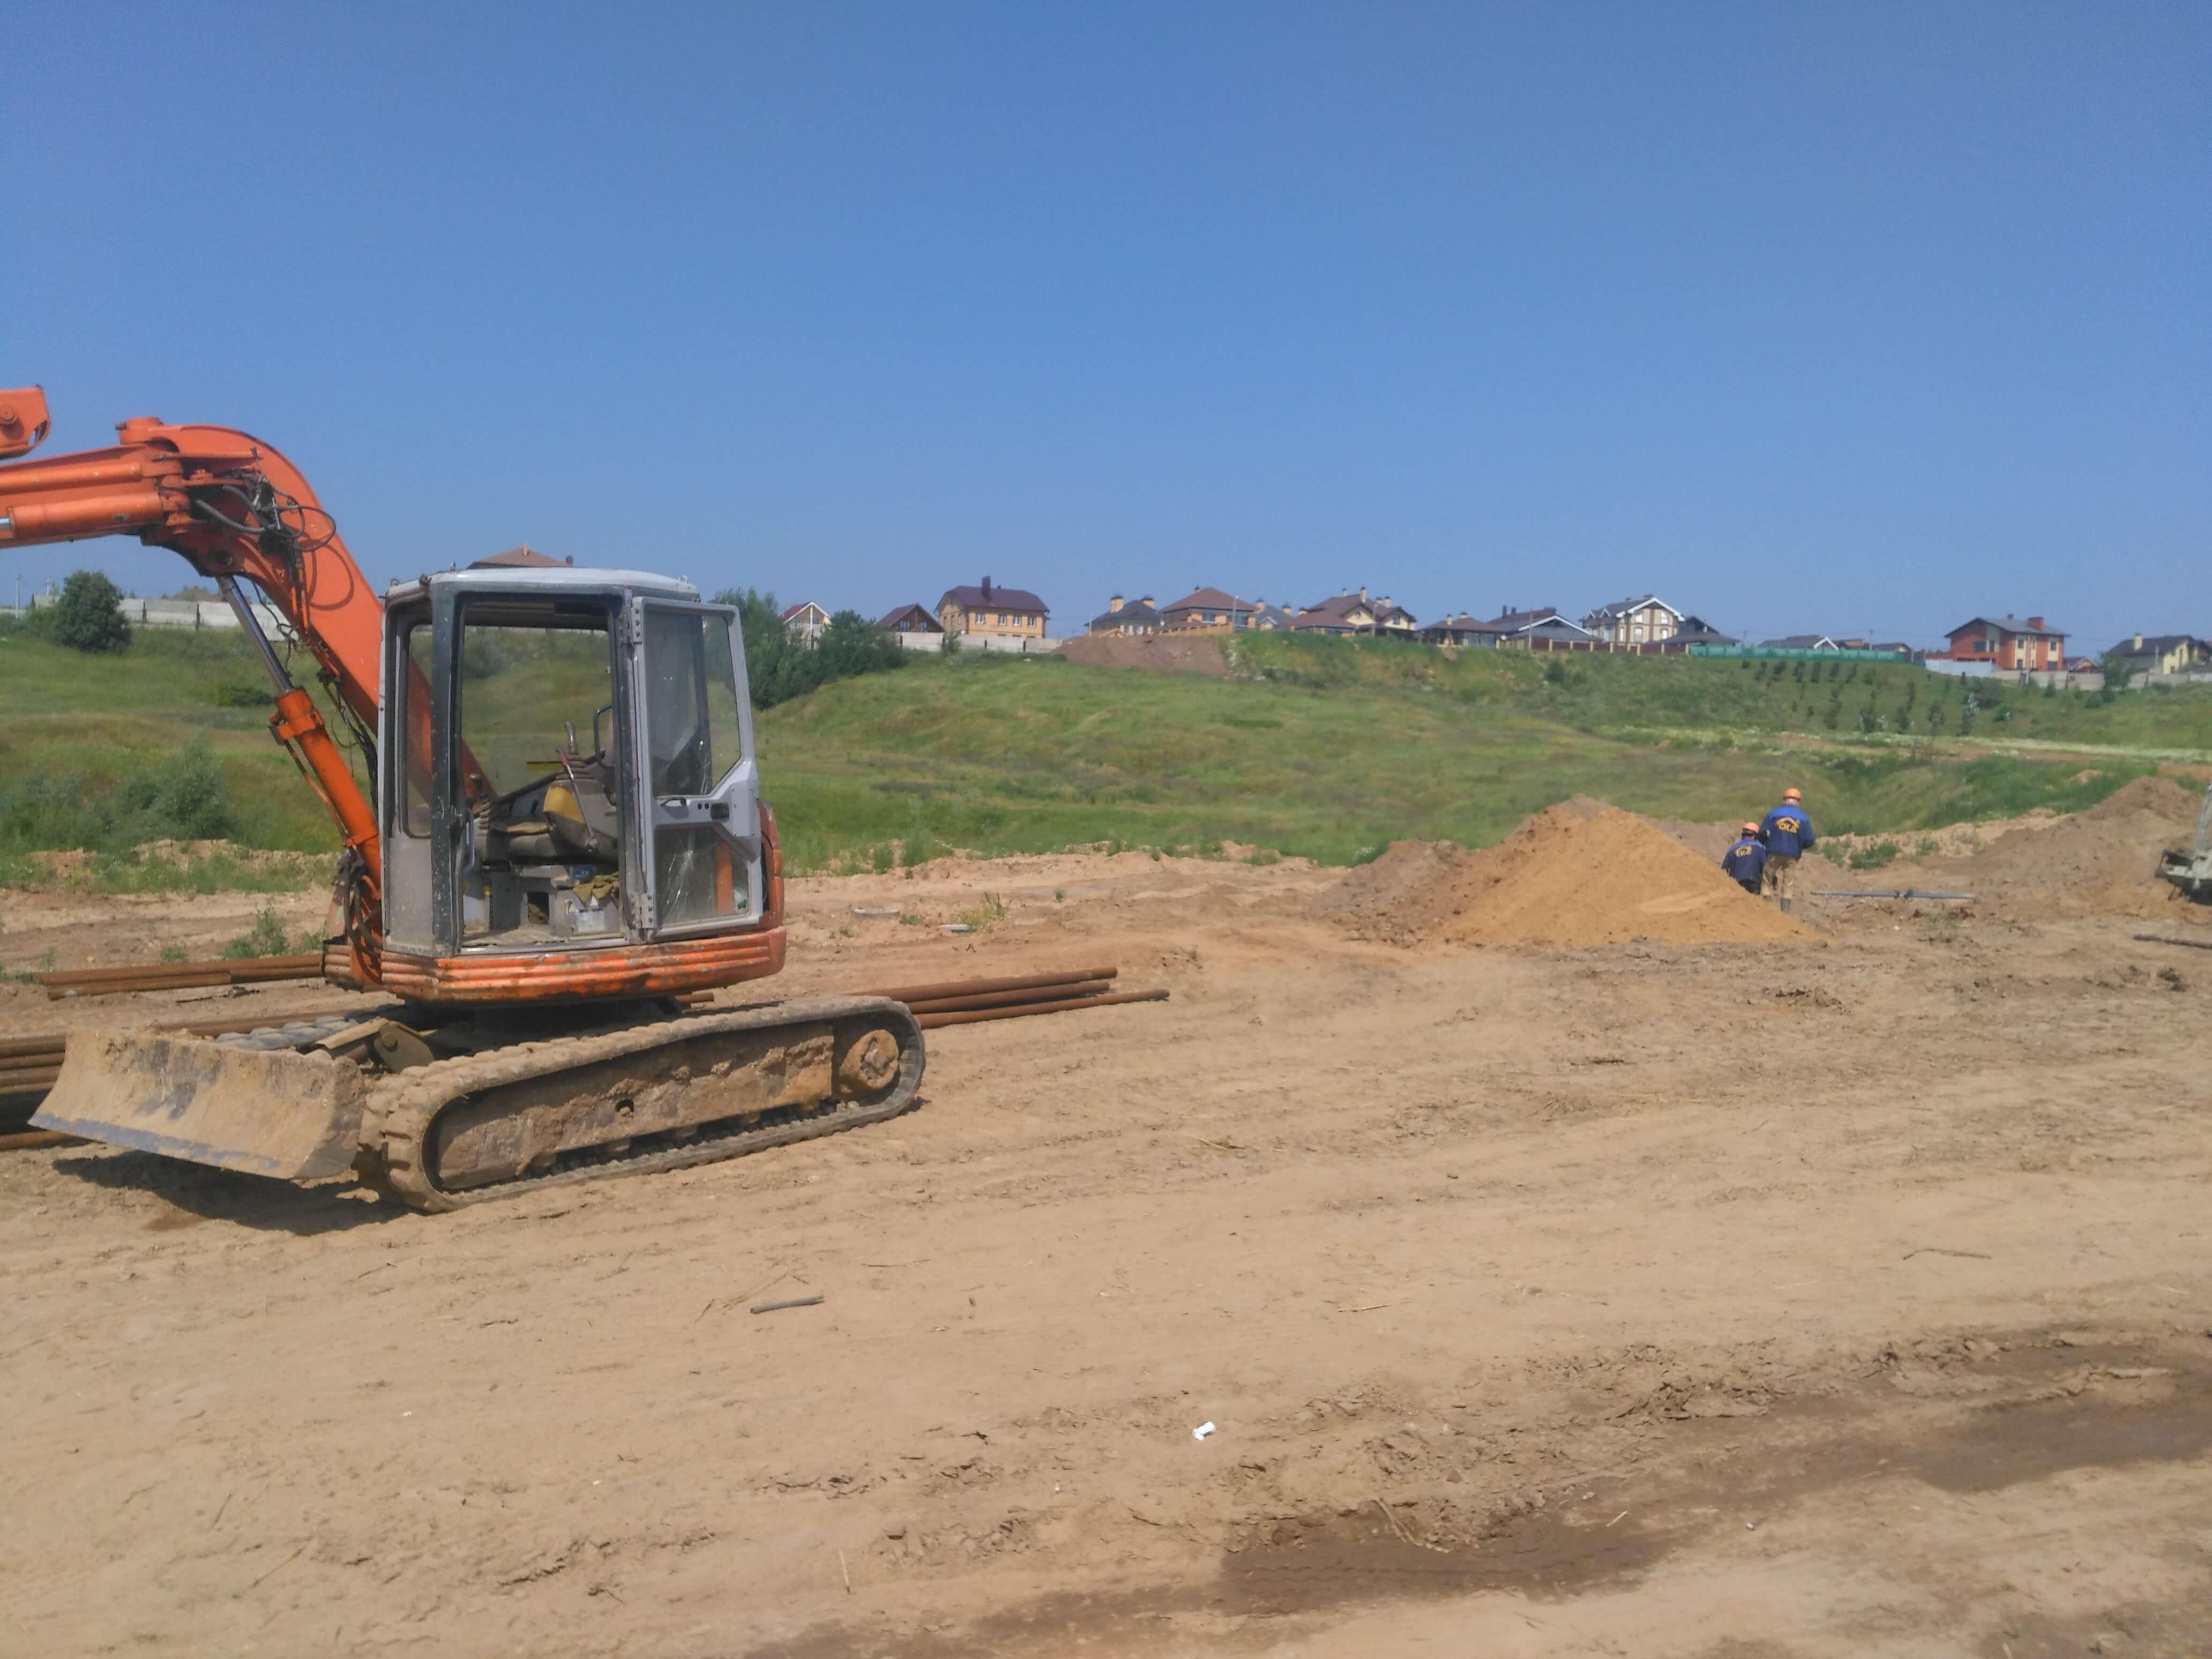 Рис 8 Рабочий процесс Устройства Jet свай на строительным объекте